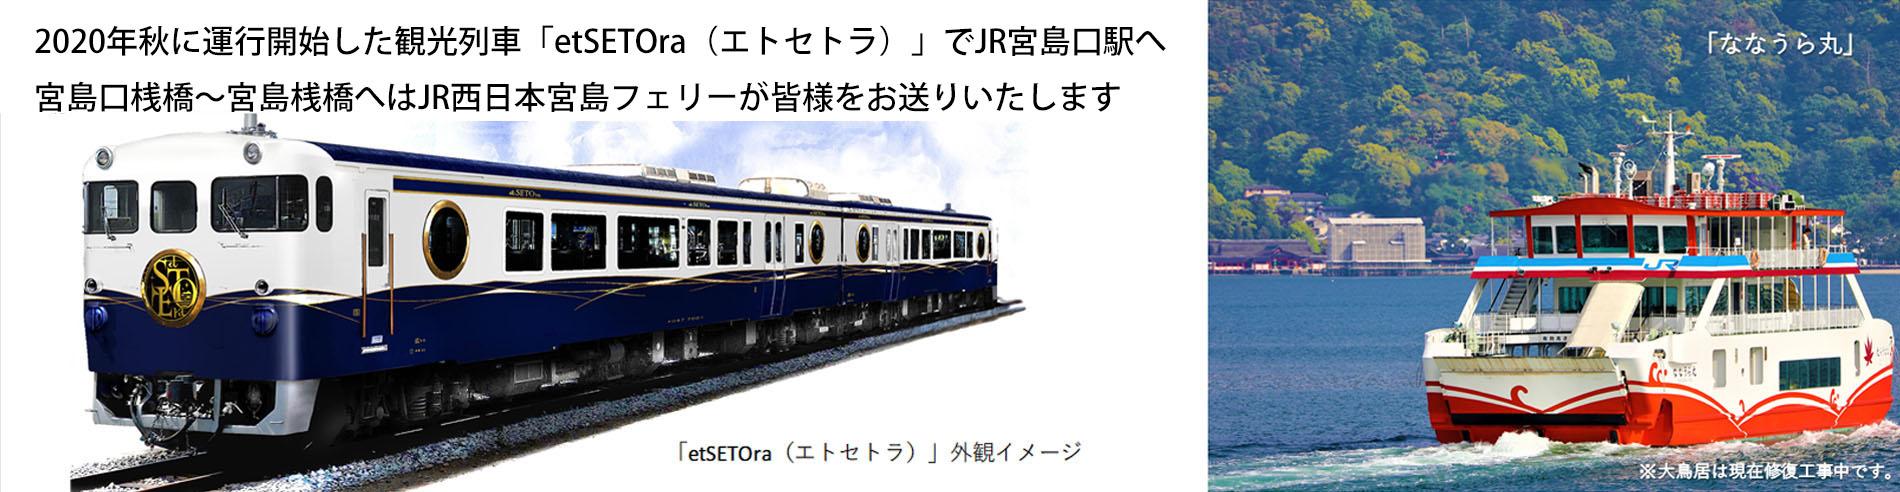 2020年秋に運行開始した観光列車「etSETOra(エトセトラ)」でJR宮島口駅へ